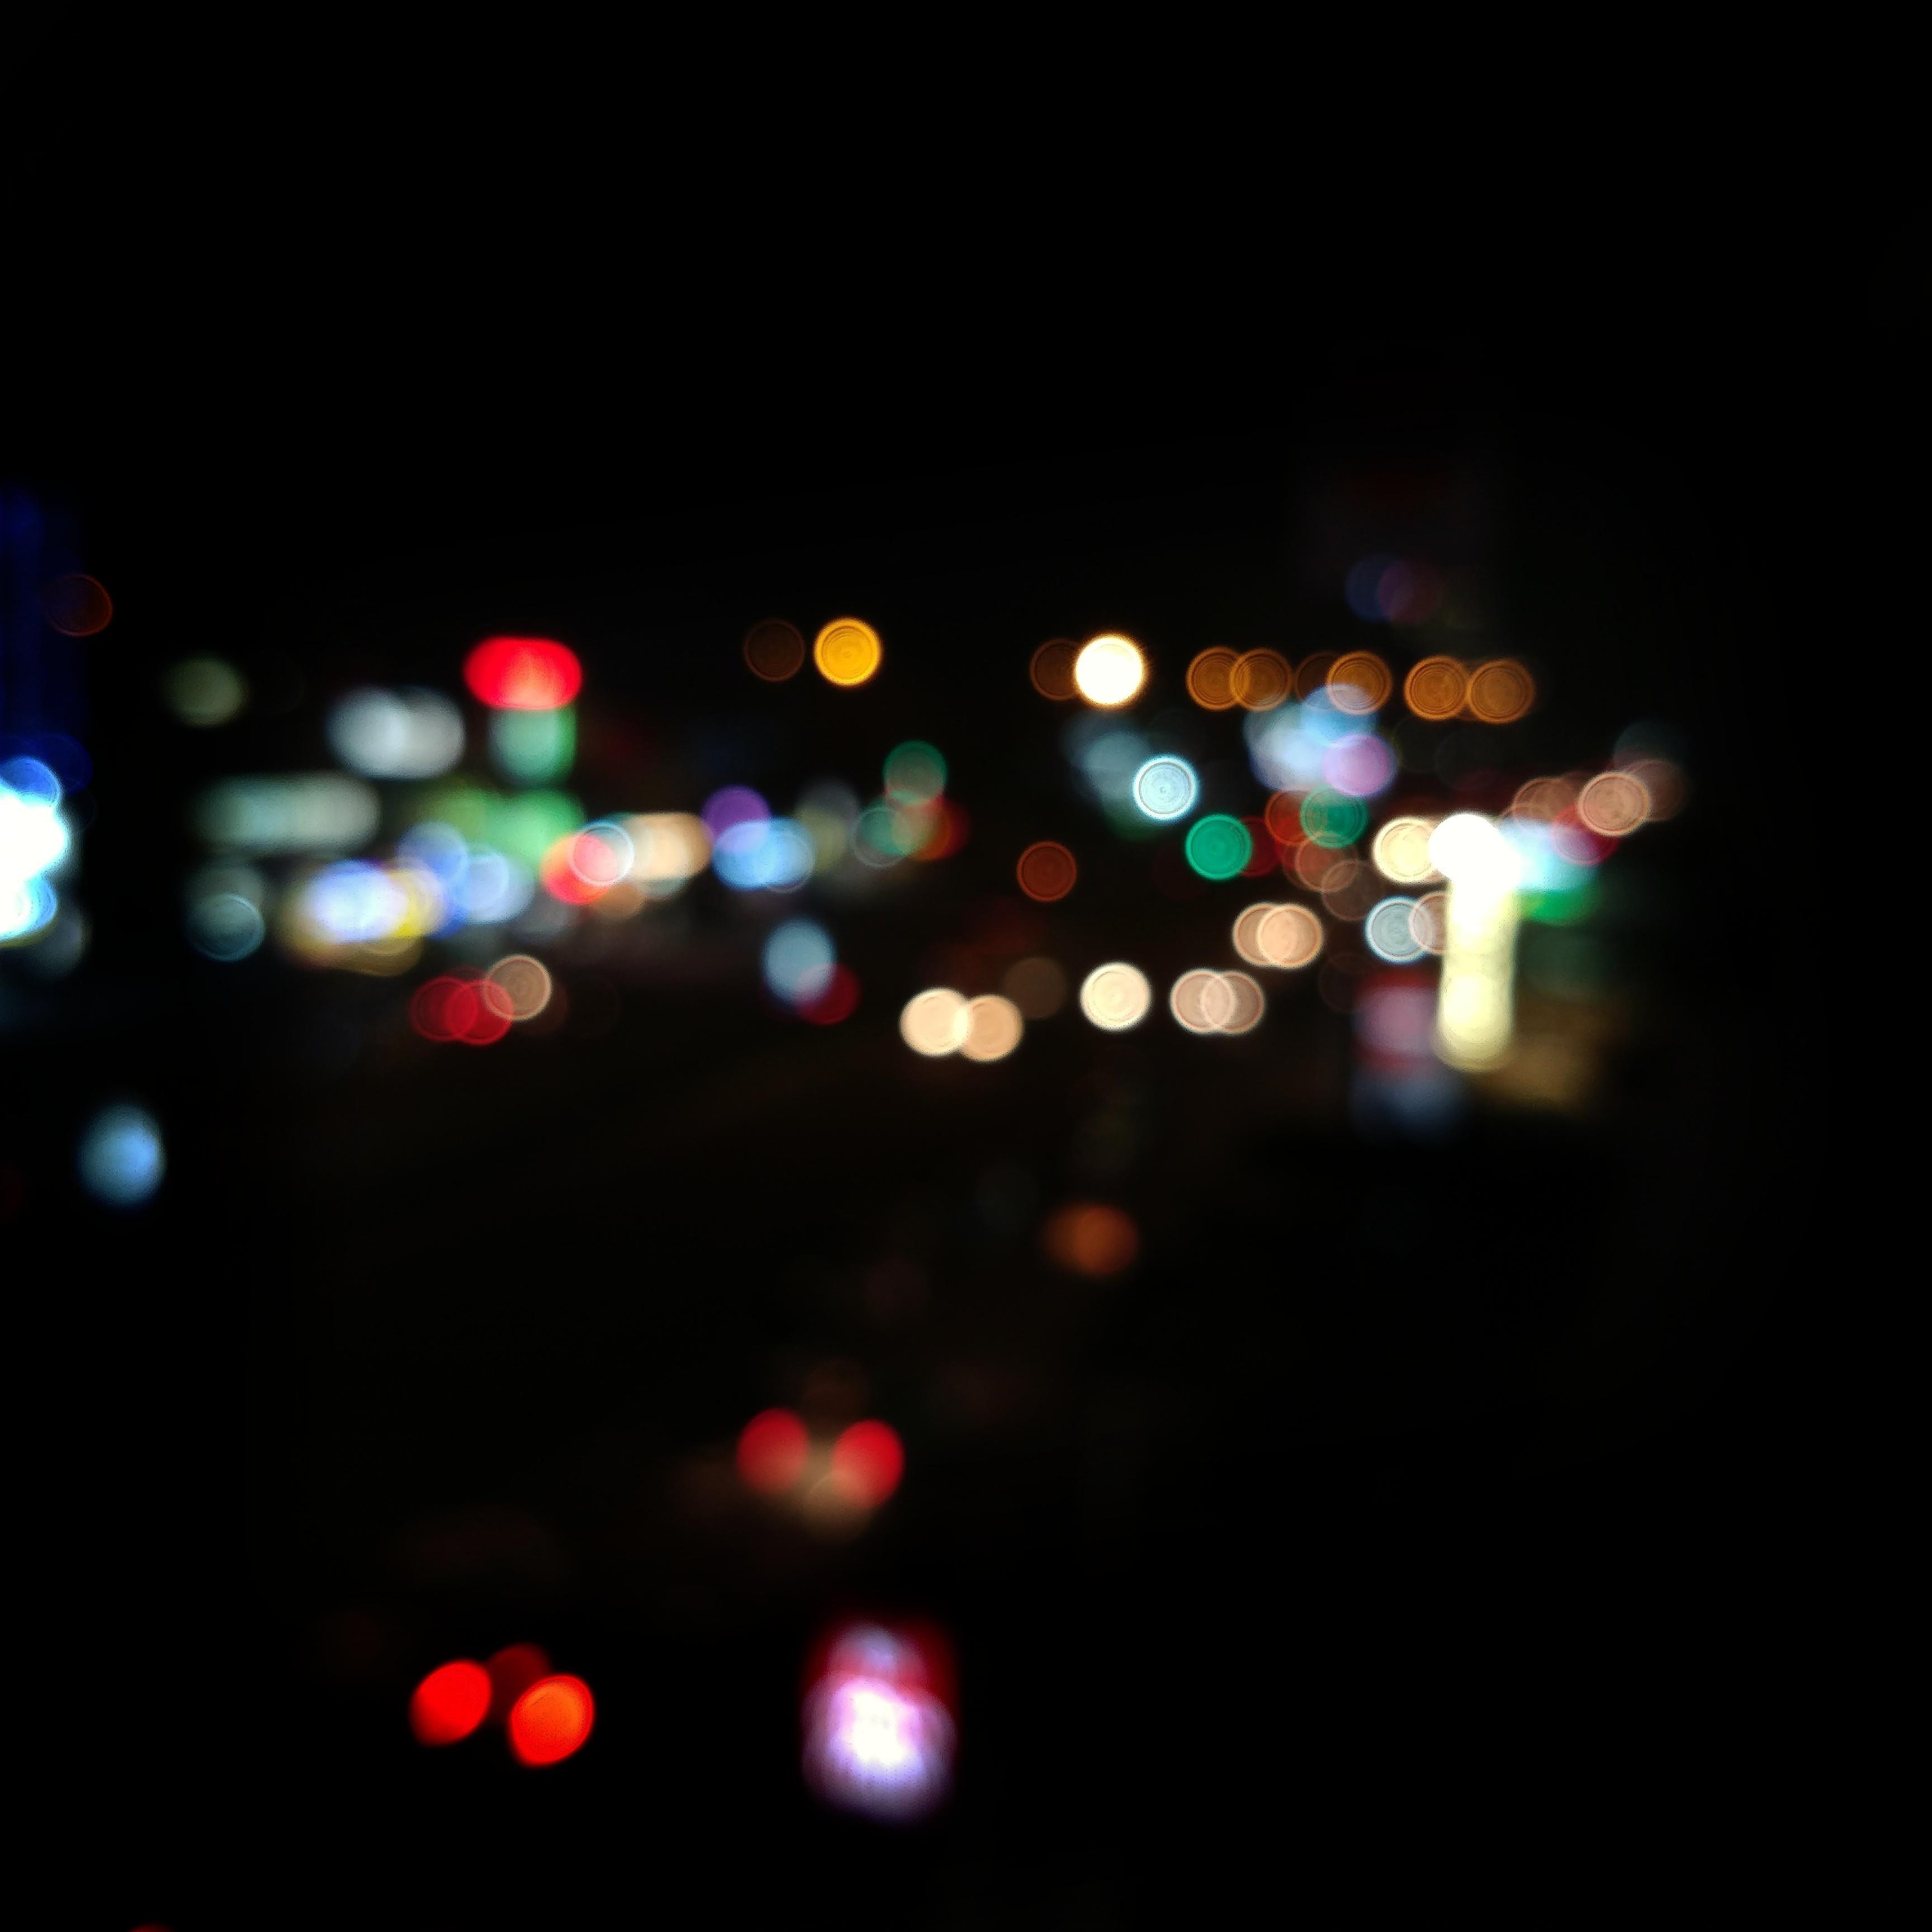 Foto Stok Gratis Tentang Background Hitam, Kota Malam, Lampu Peri